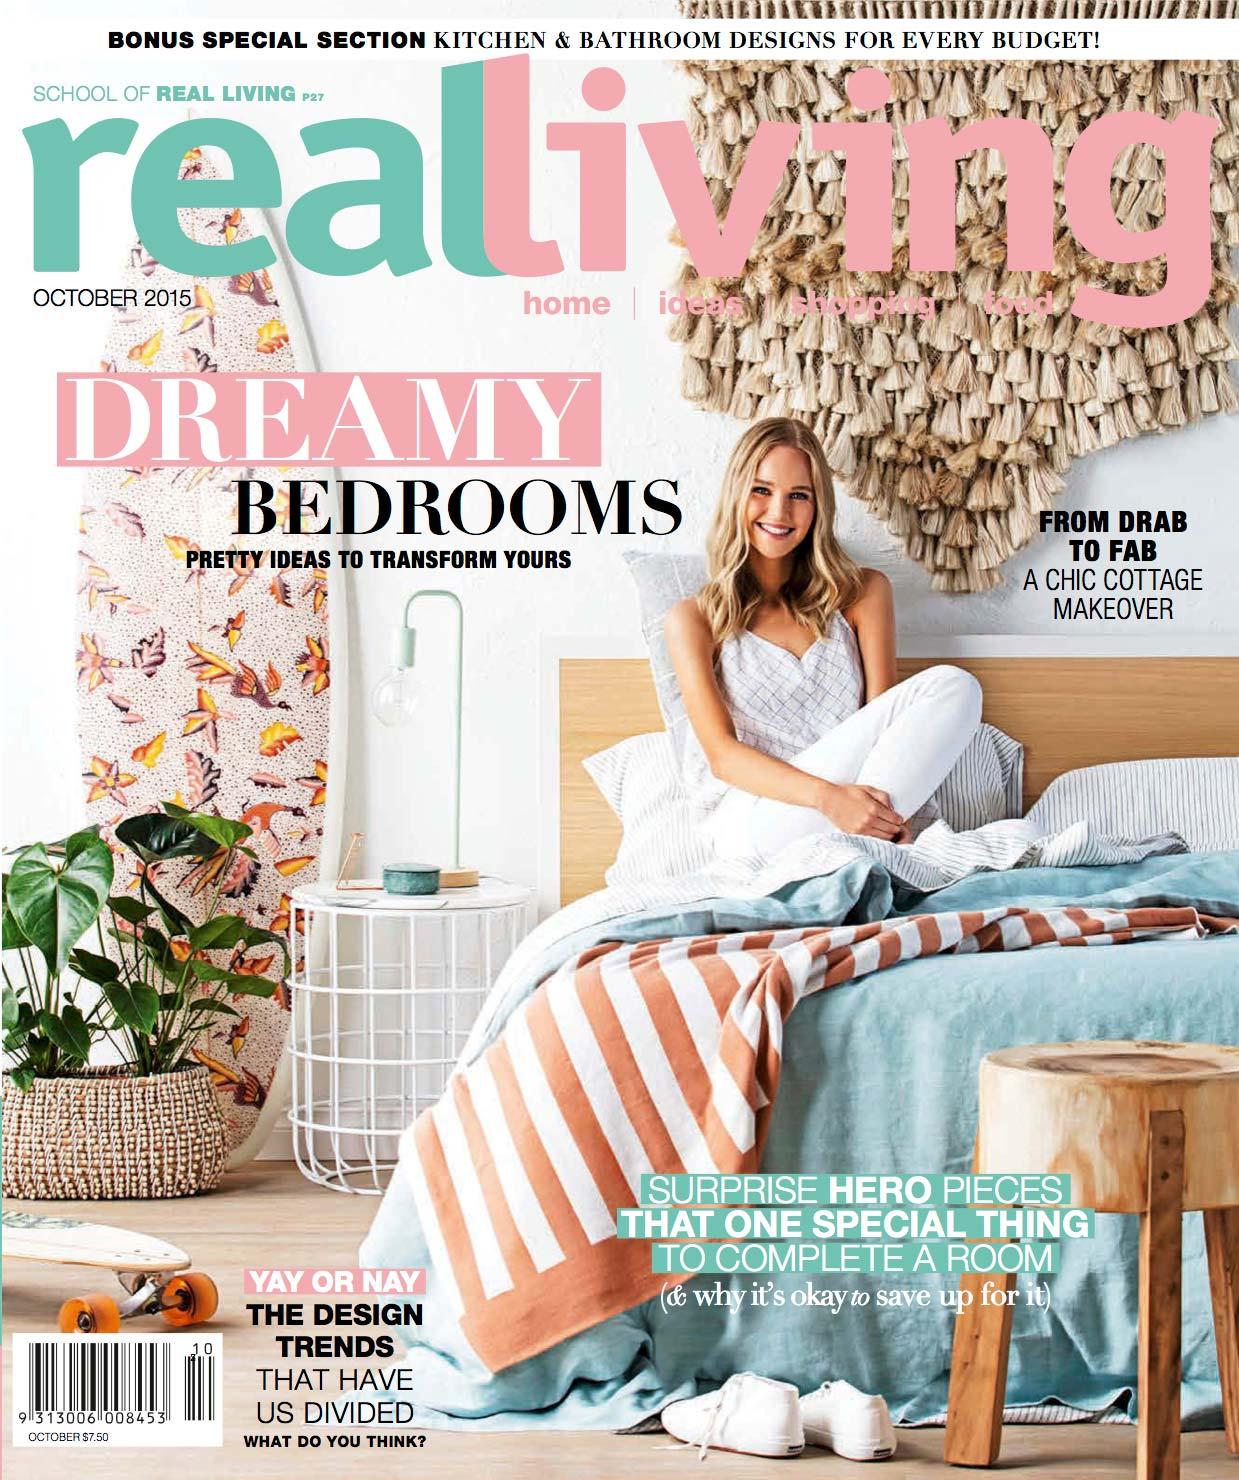 Real-Living-Cover.jpg